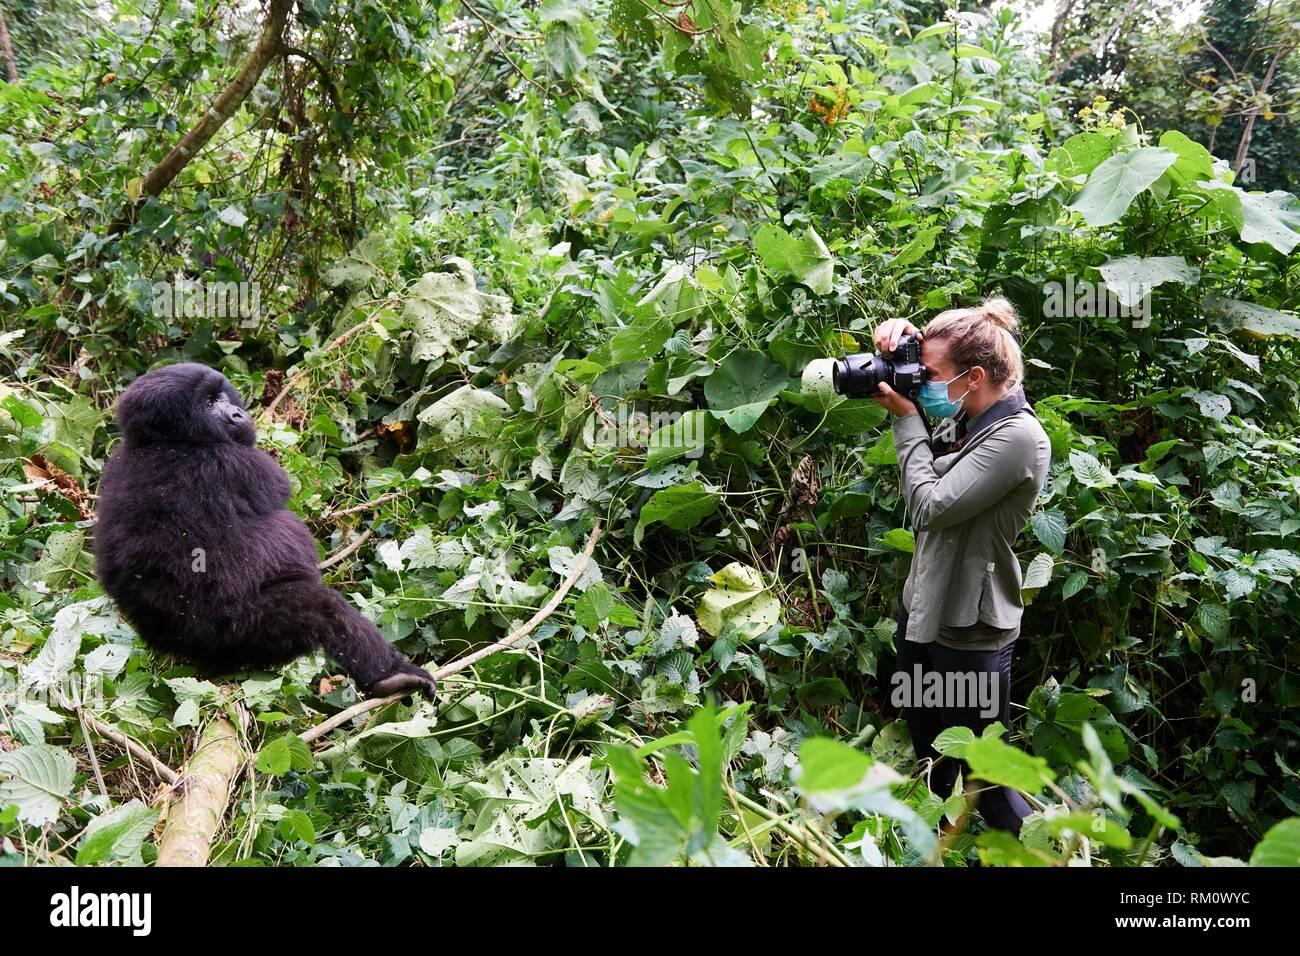 Tourist photographing gorille de montagne (Gorilla beringei beringei). Tous les humains ont à porter des masques en présence de gorilles d'éviter toute Photo Stock